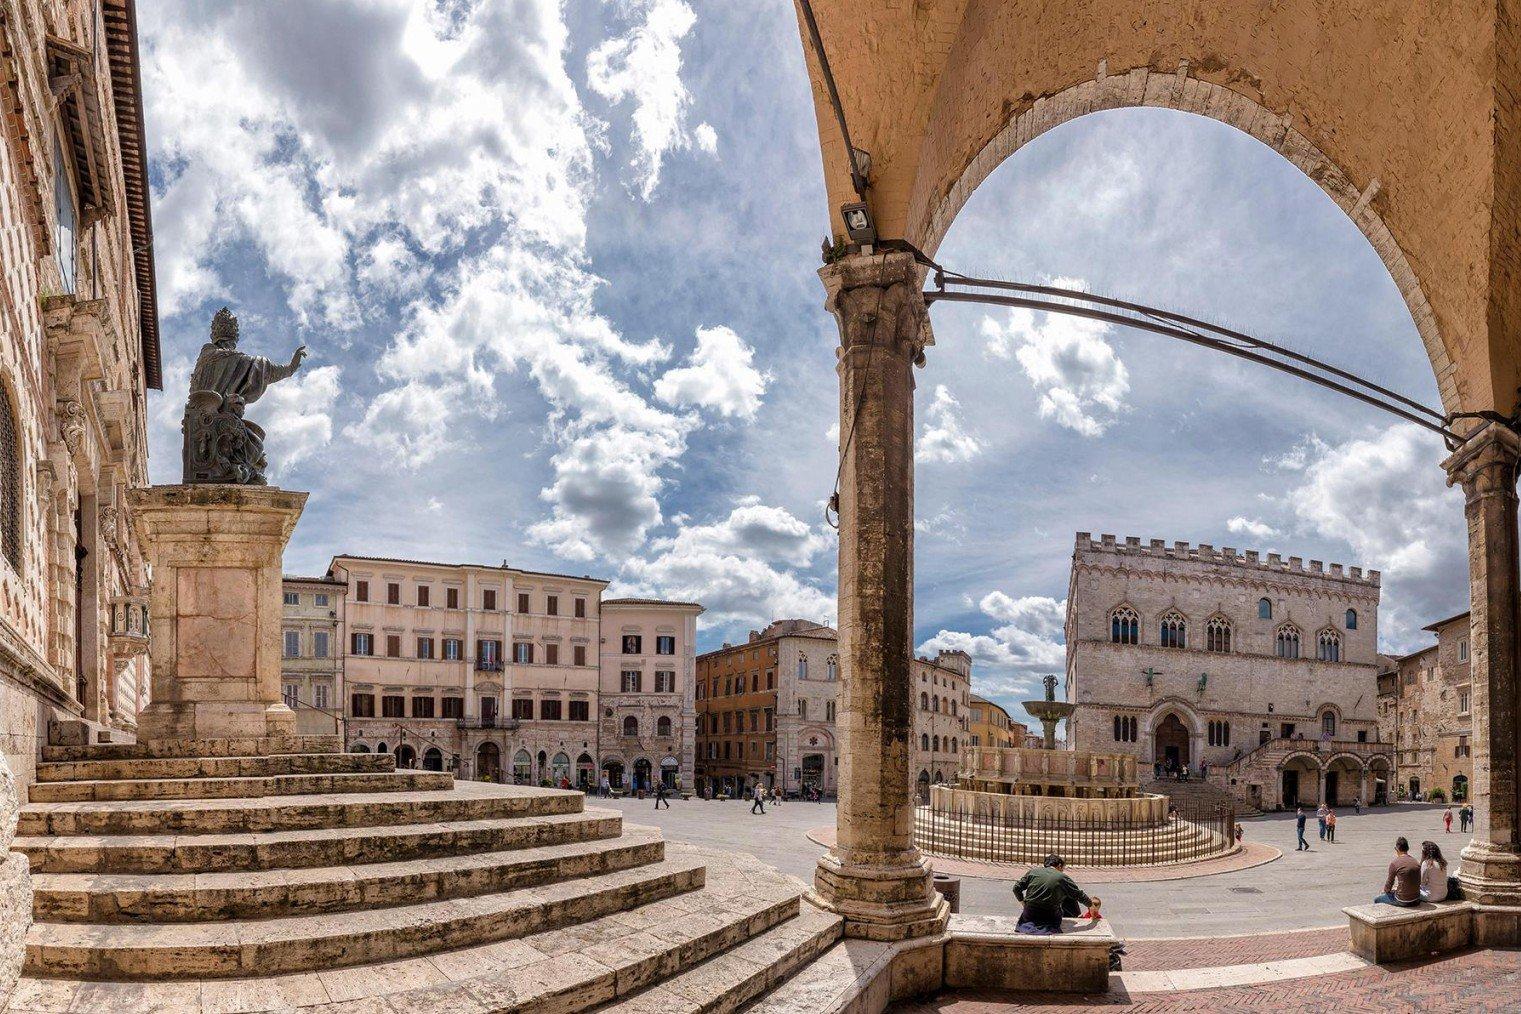 Перуджа. Италия. Туризм, информация. Perugia. Italy